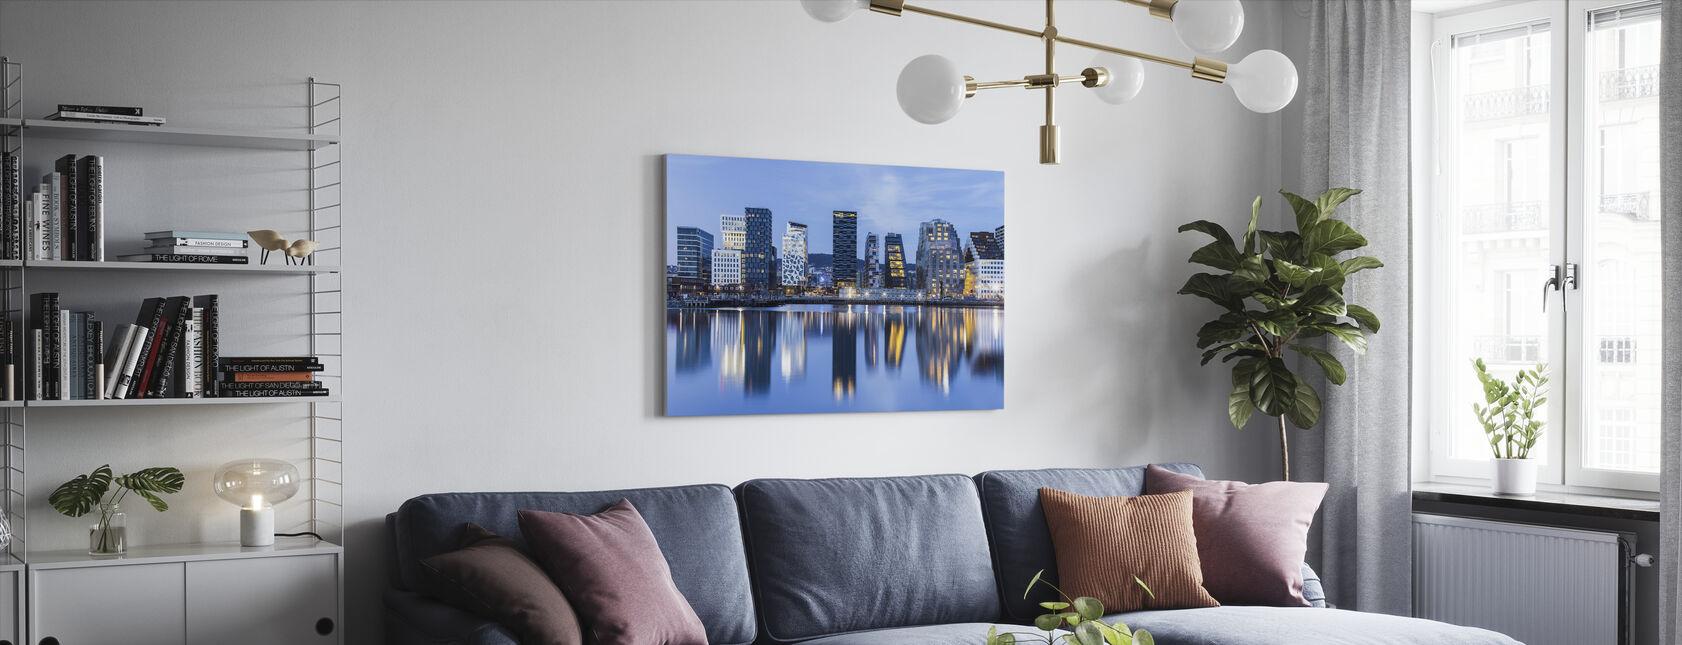 Oslo bybilde etter natt, Norge - Lerretsbilde - Stue